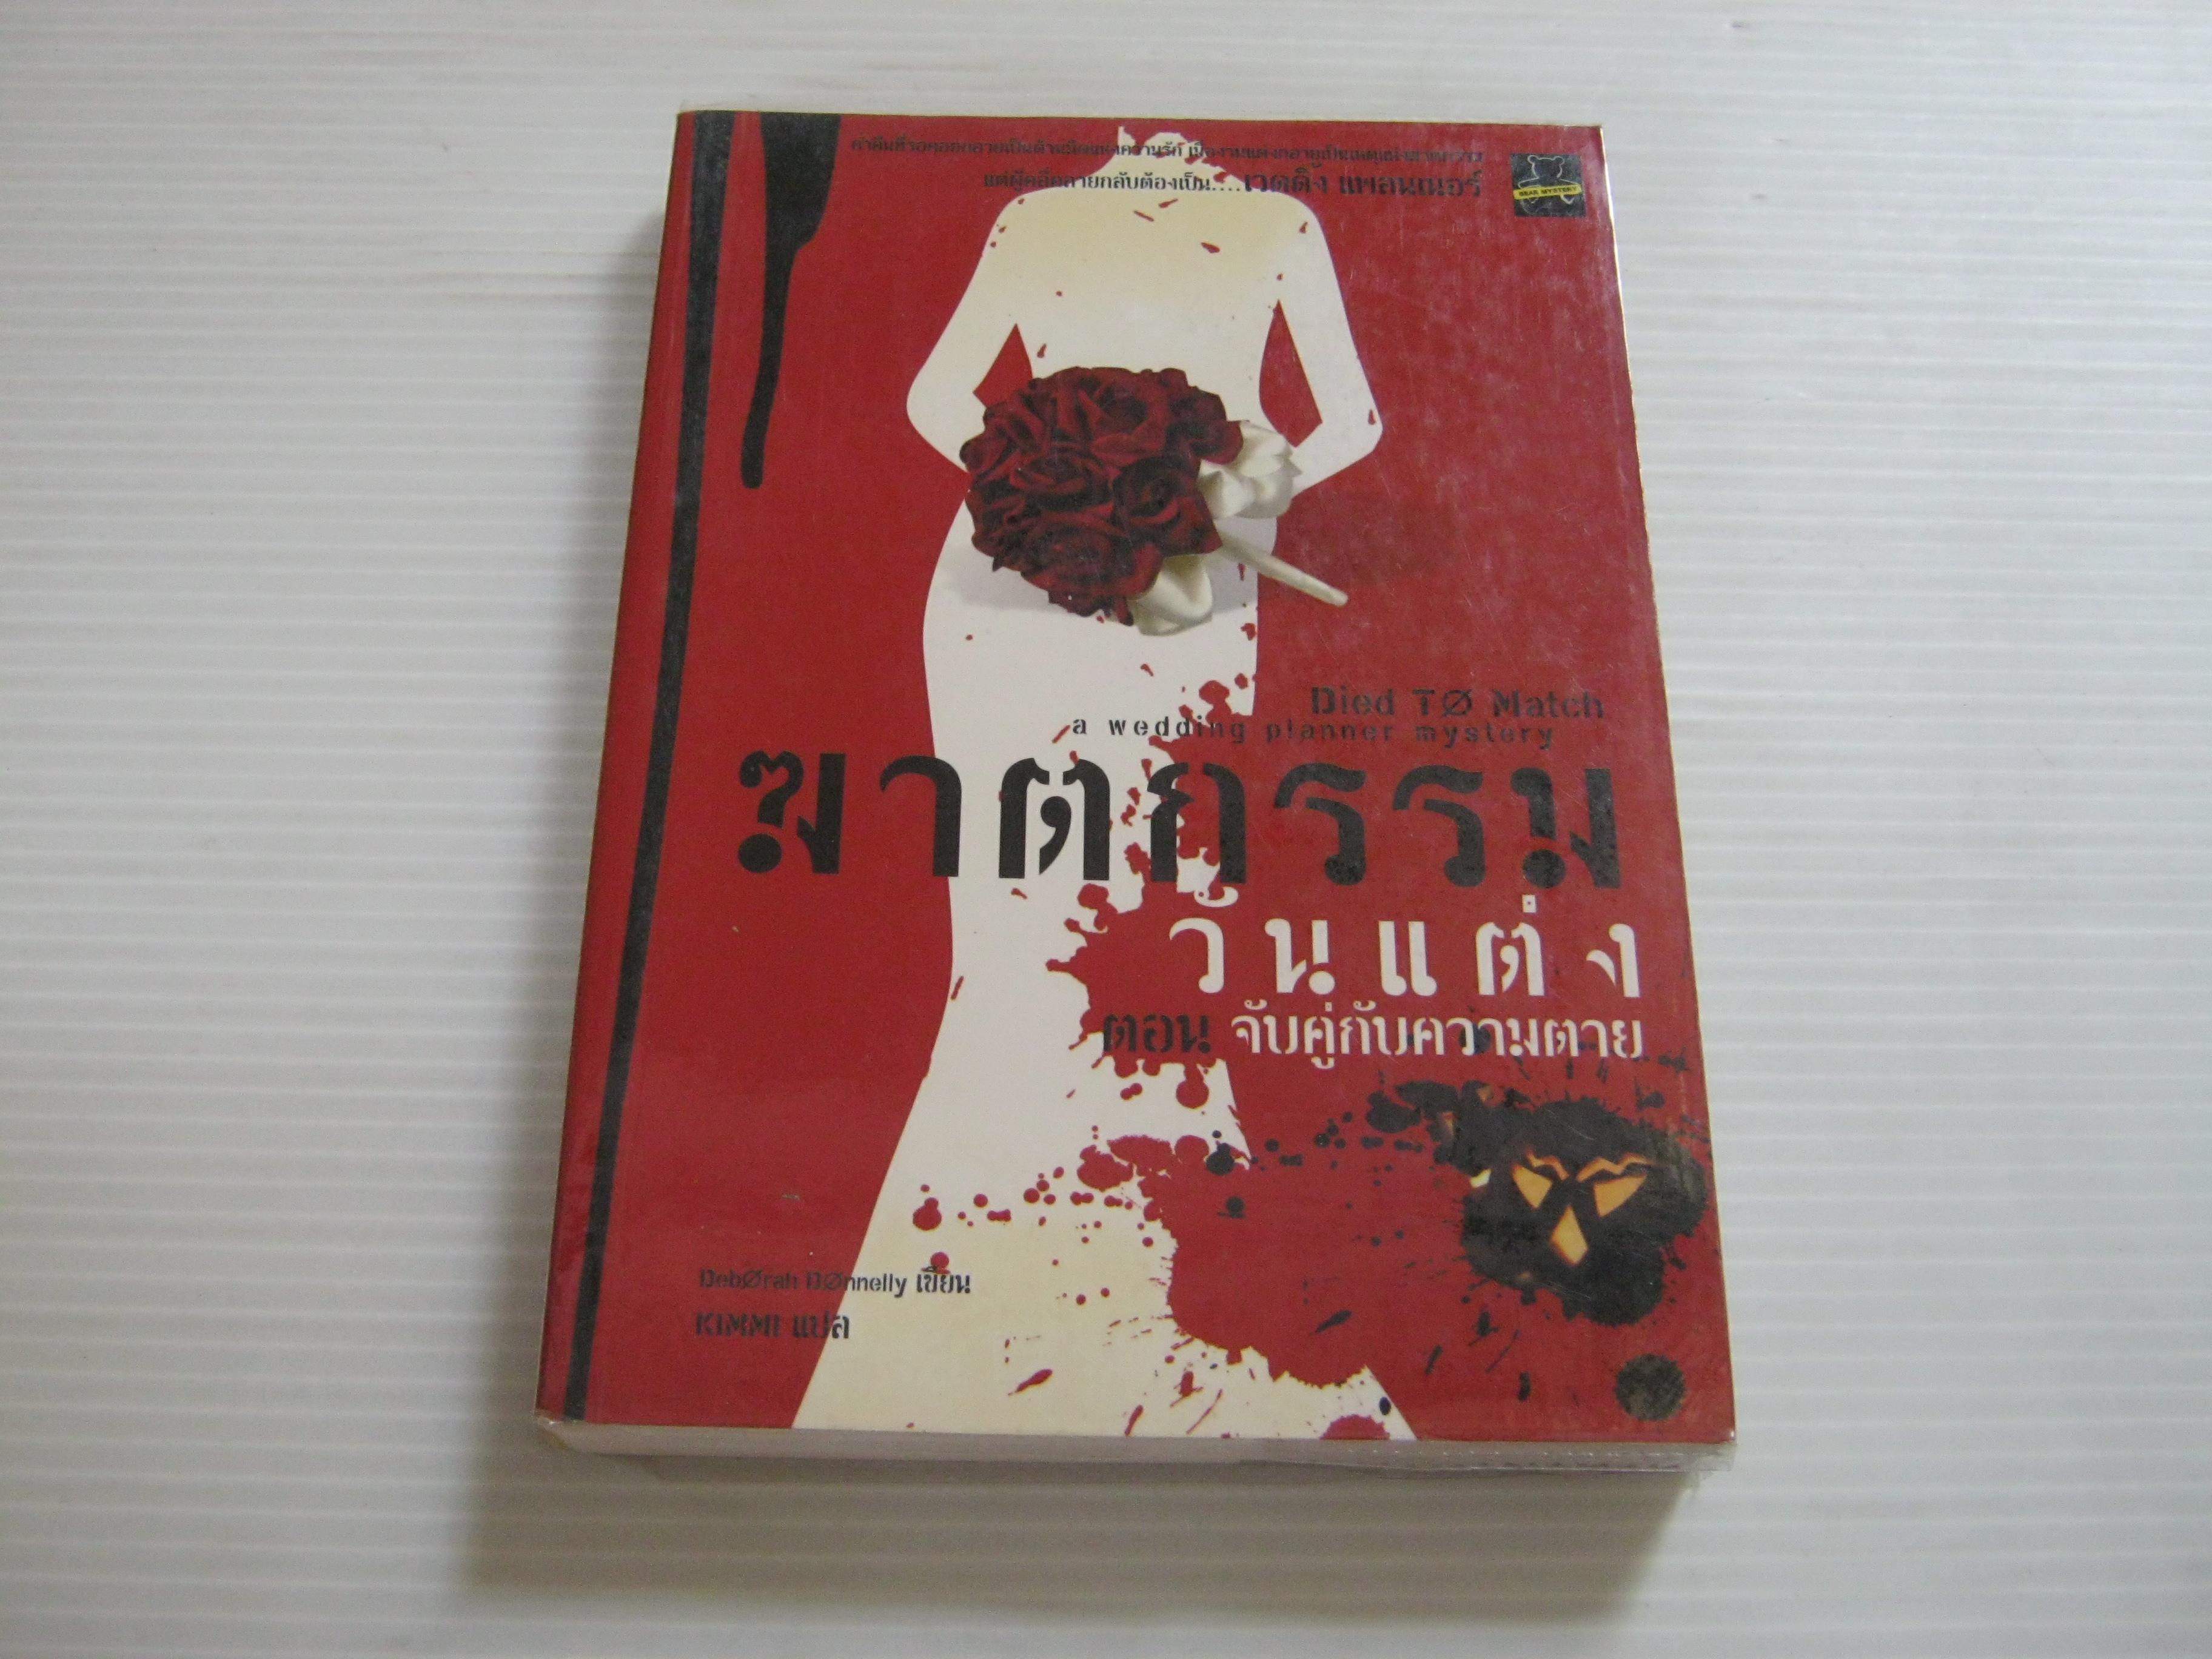 ฆาตกรรมวันแต่ง ตอน จับคู่กับความตาย Deborah Dohnelly เขียน Kimmi แปล